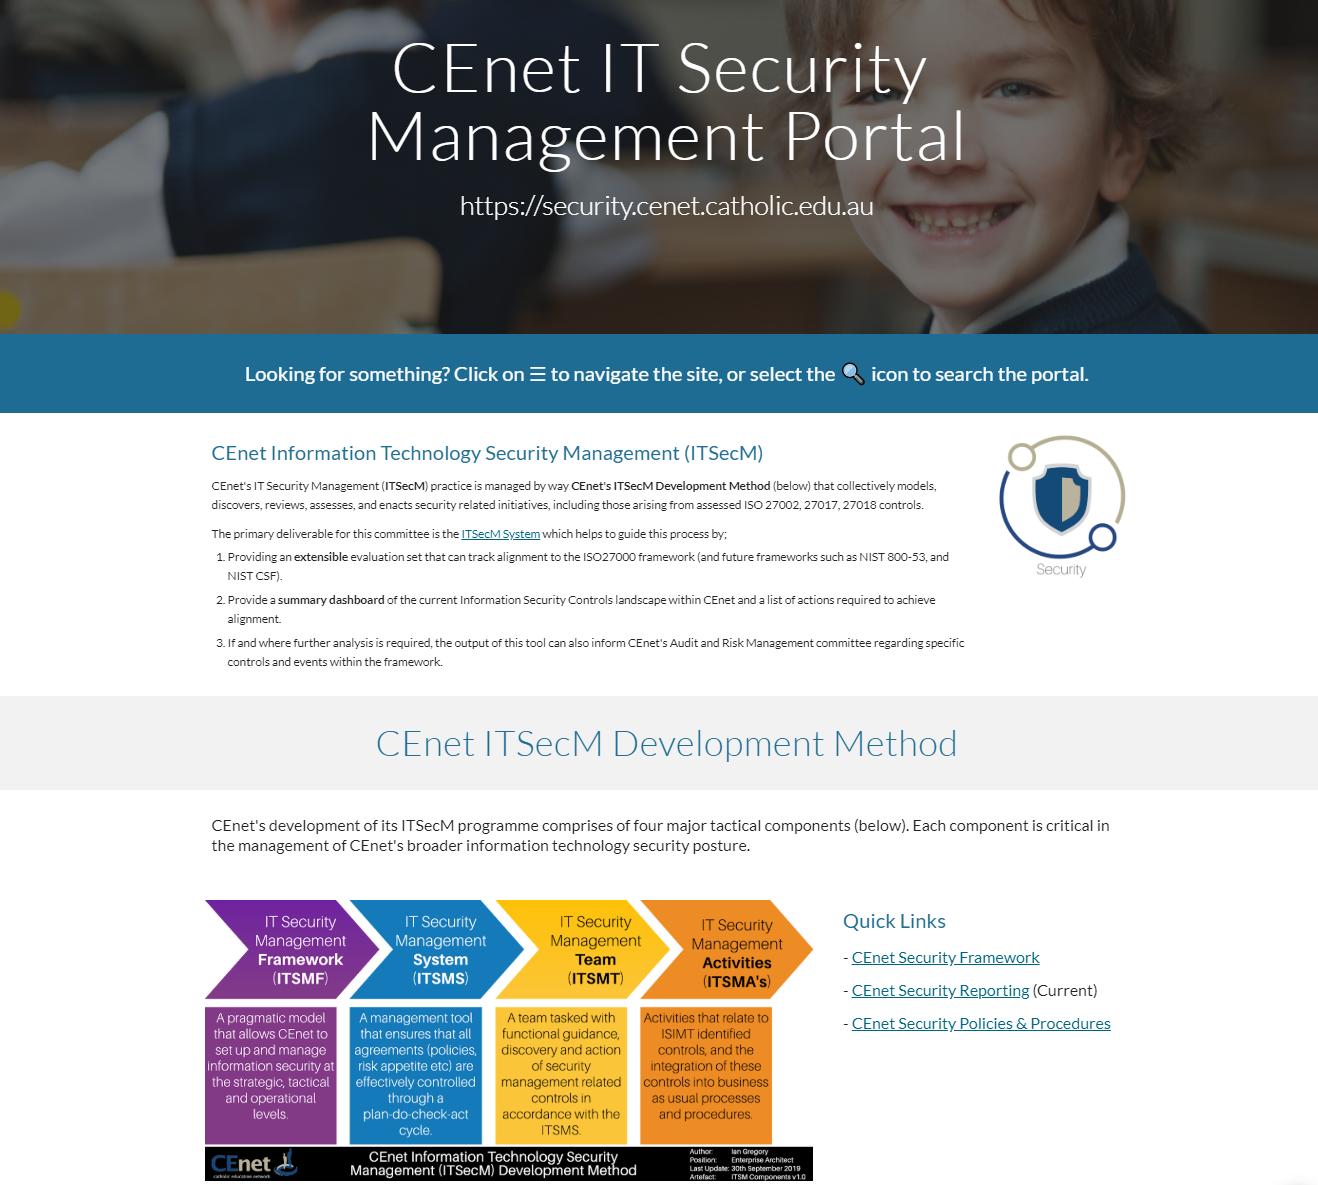 CEnet IT Security Management Portal